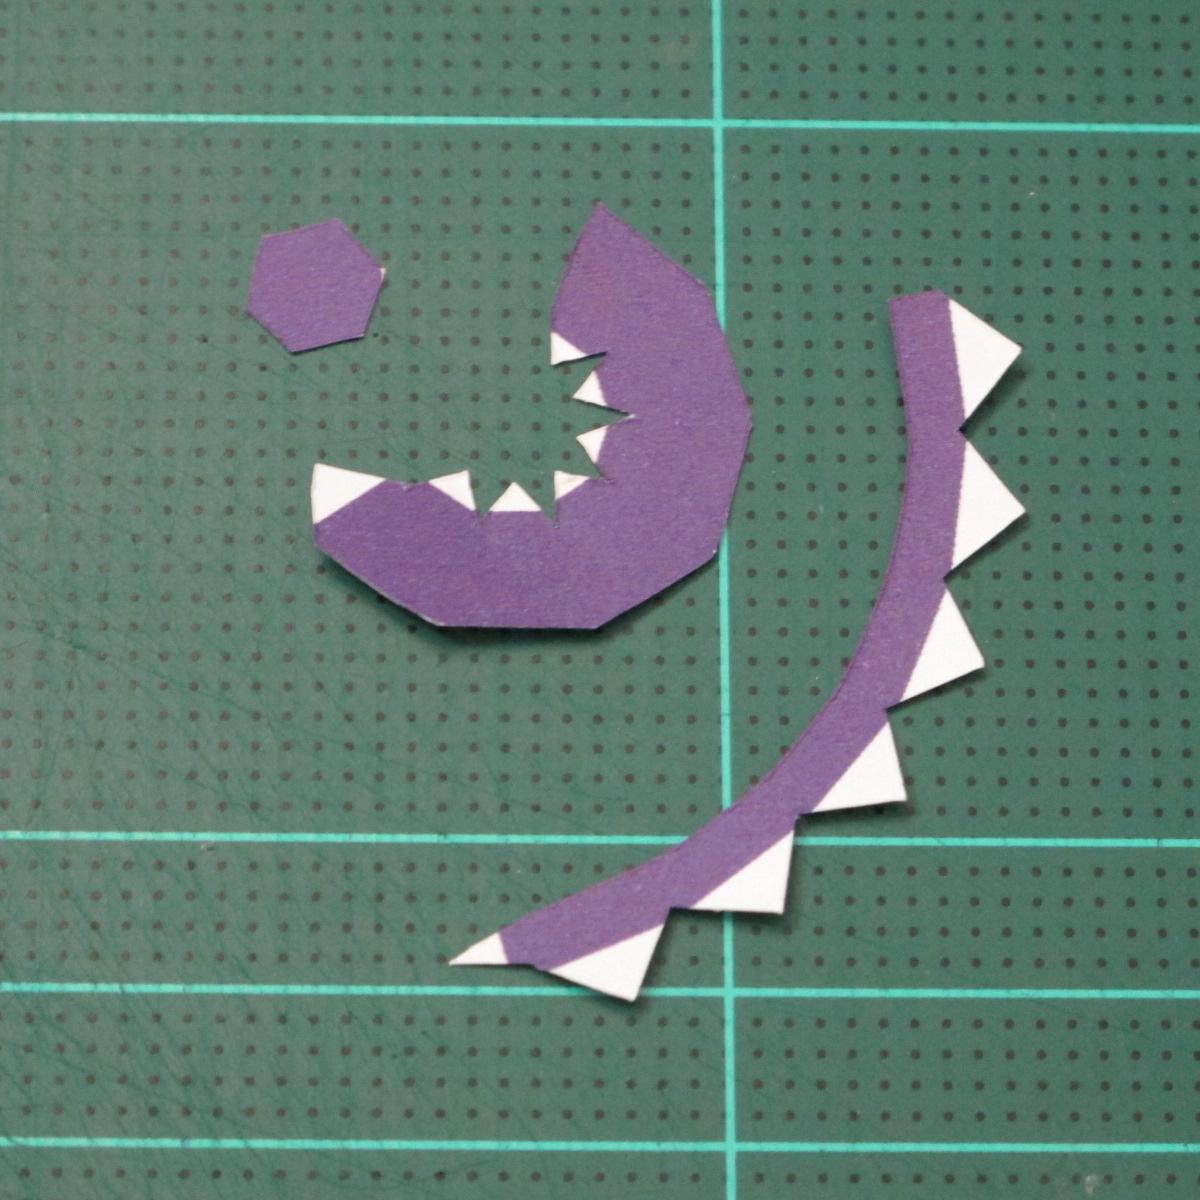 วิธีทำโมเดลกระดาษตุ้กตา คุกกี้รสราชินีสเก็ตลีลา จากเกมส์คุกกี้รัน (LINE Cookie Run Skating Queen Cookie Papercraft Model) 002